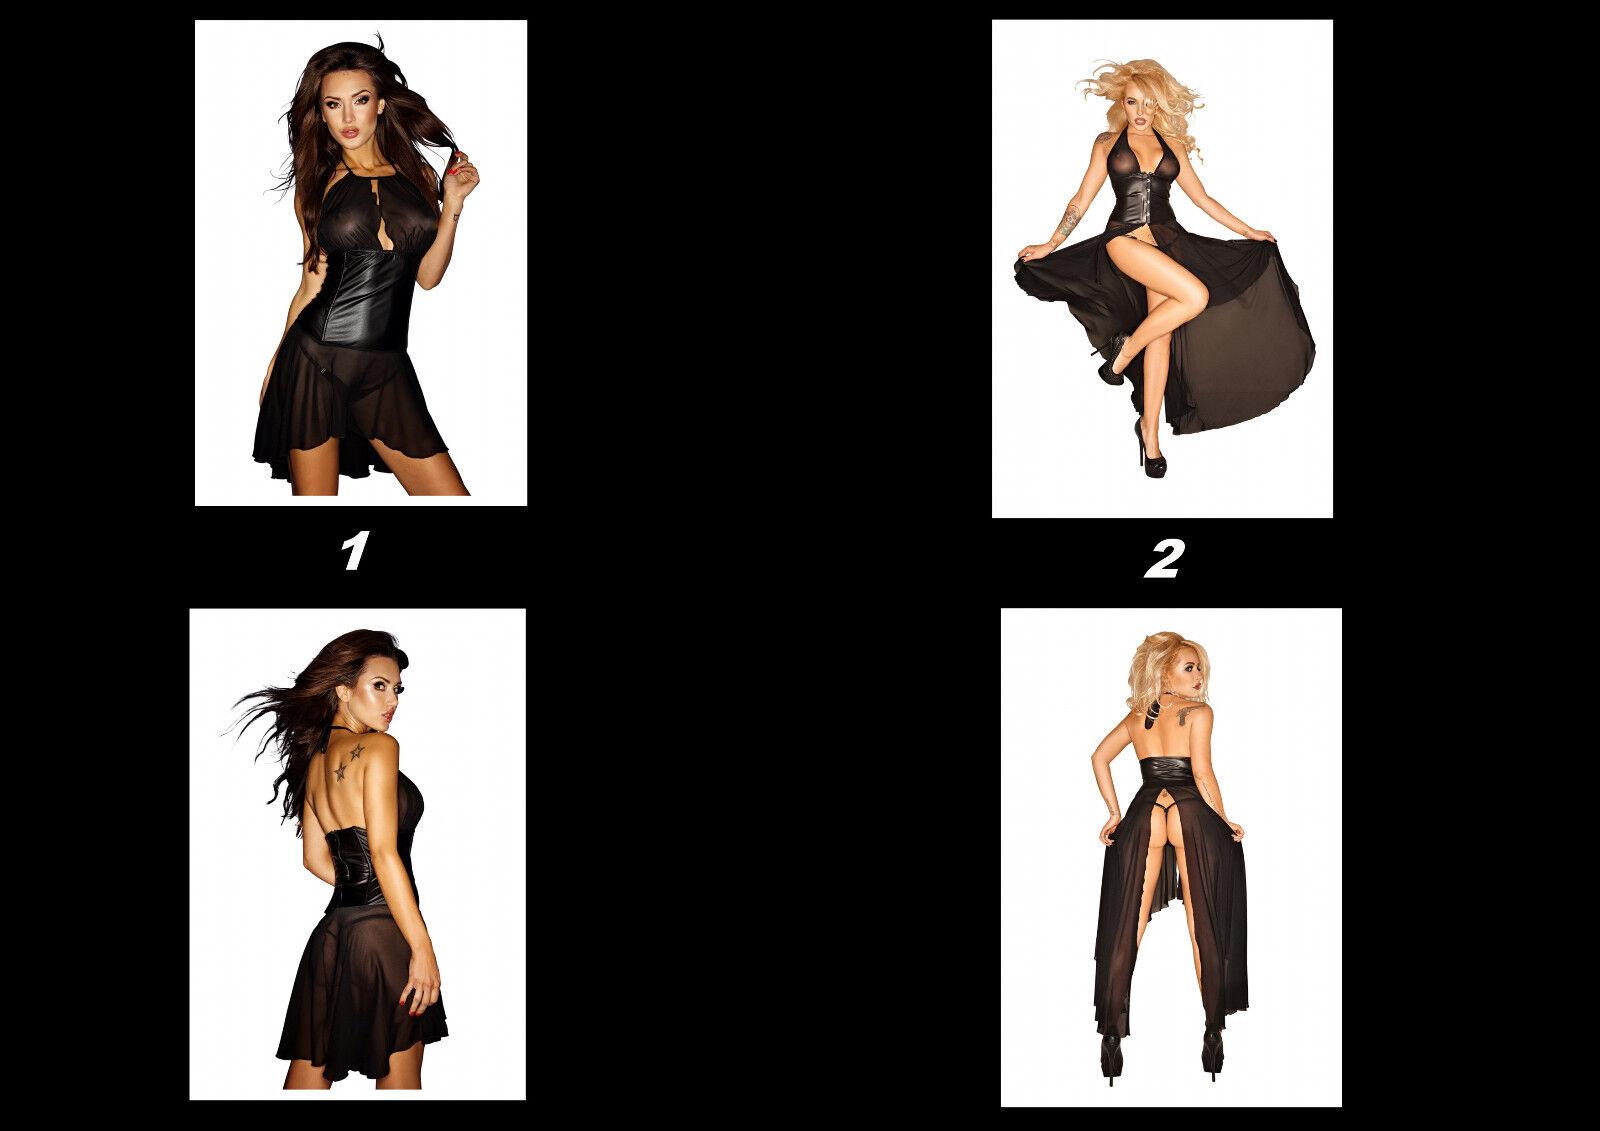 Wetlook Kleid mit Tüll, schwarz, offen, offen, offen, durchsichtig, Neu | Verkaufspreis  | Discount  | Heißer Verkauf  95e321